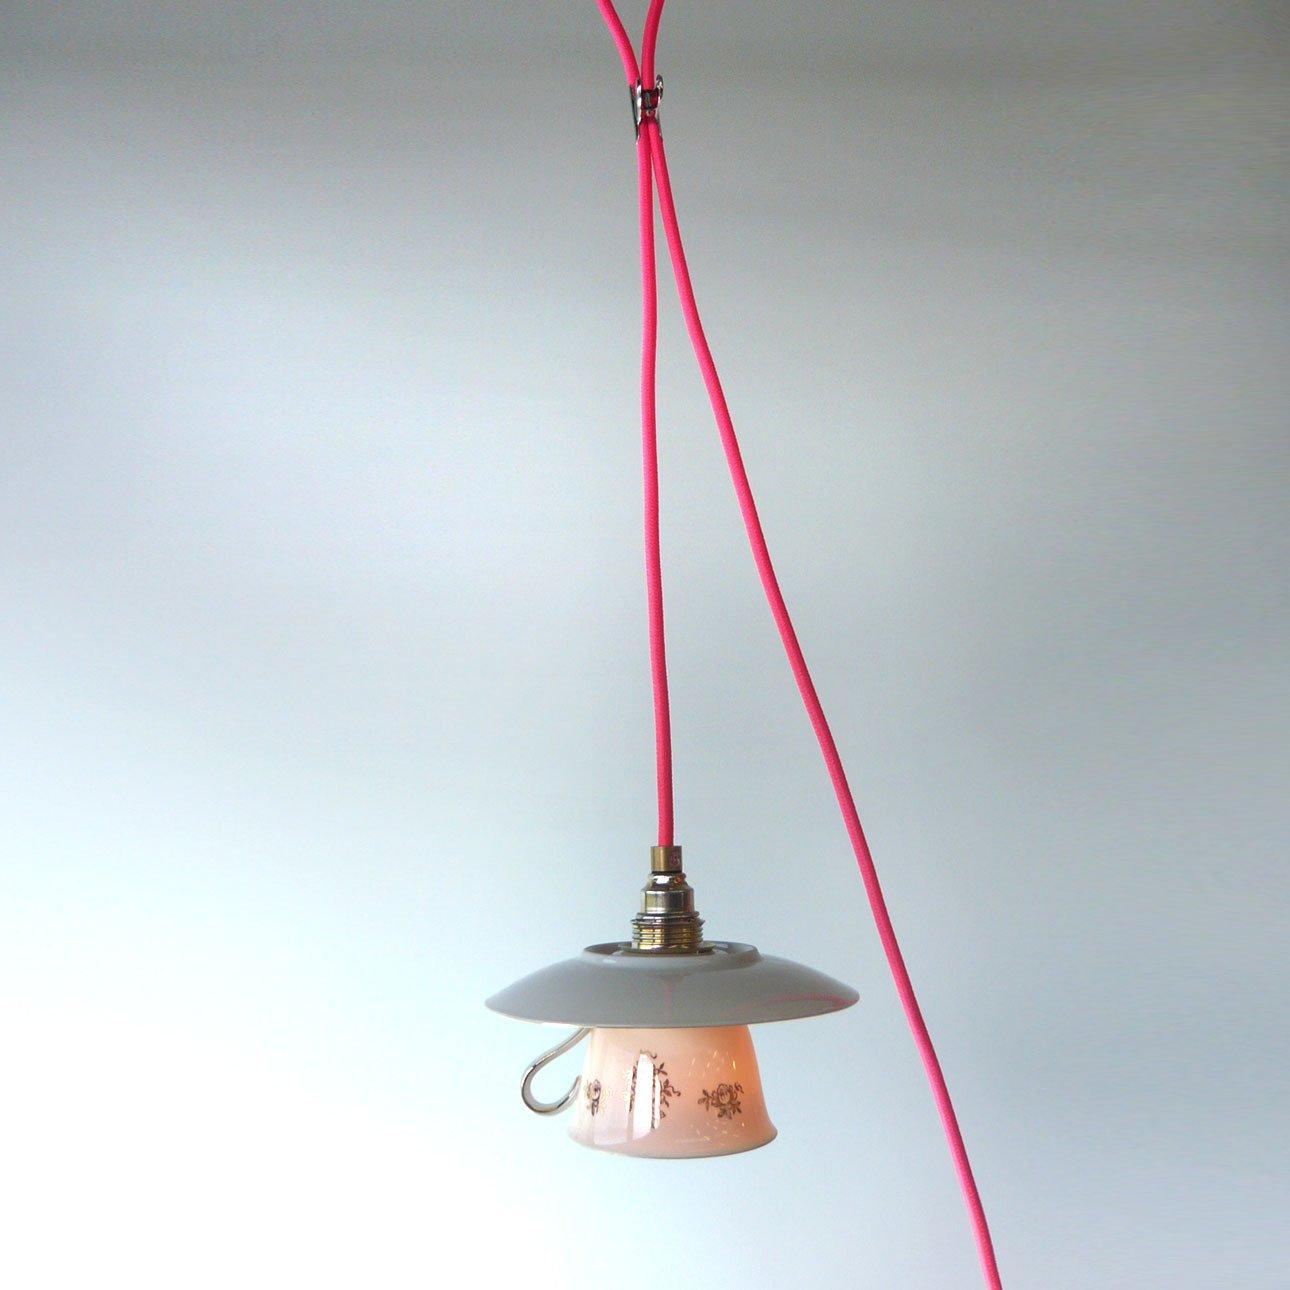 Die van daan unieke handgemaakte hanglampen van servies keramiek en metaal zink - Zink oude keramiek ...